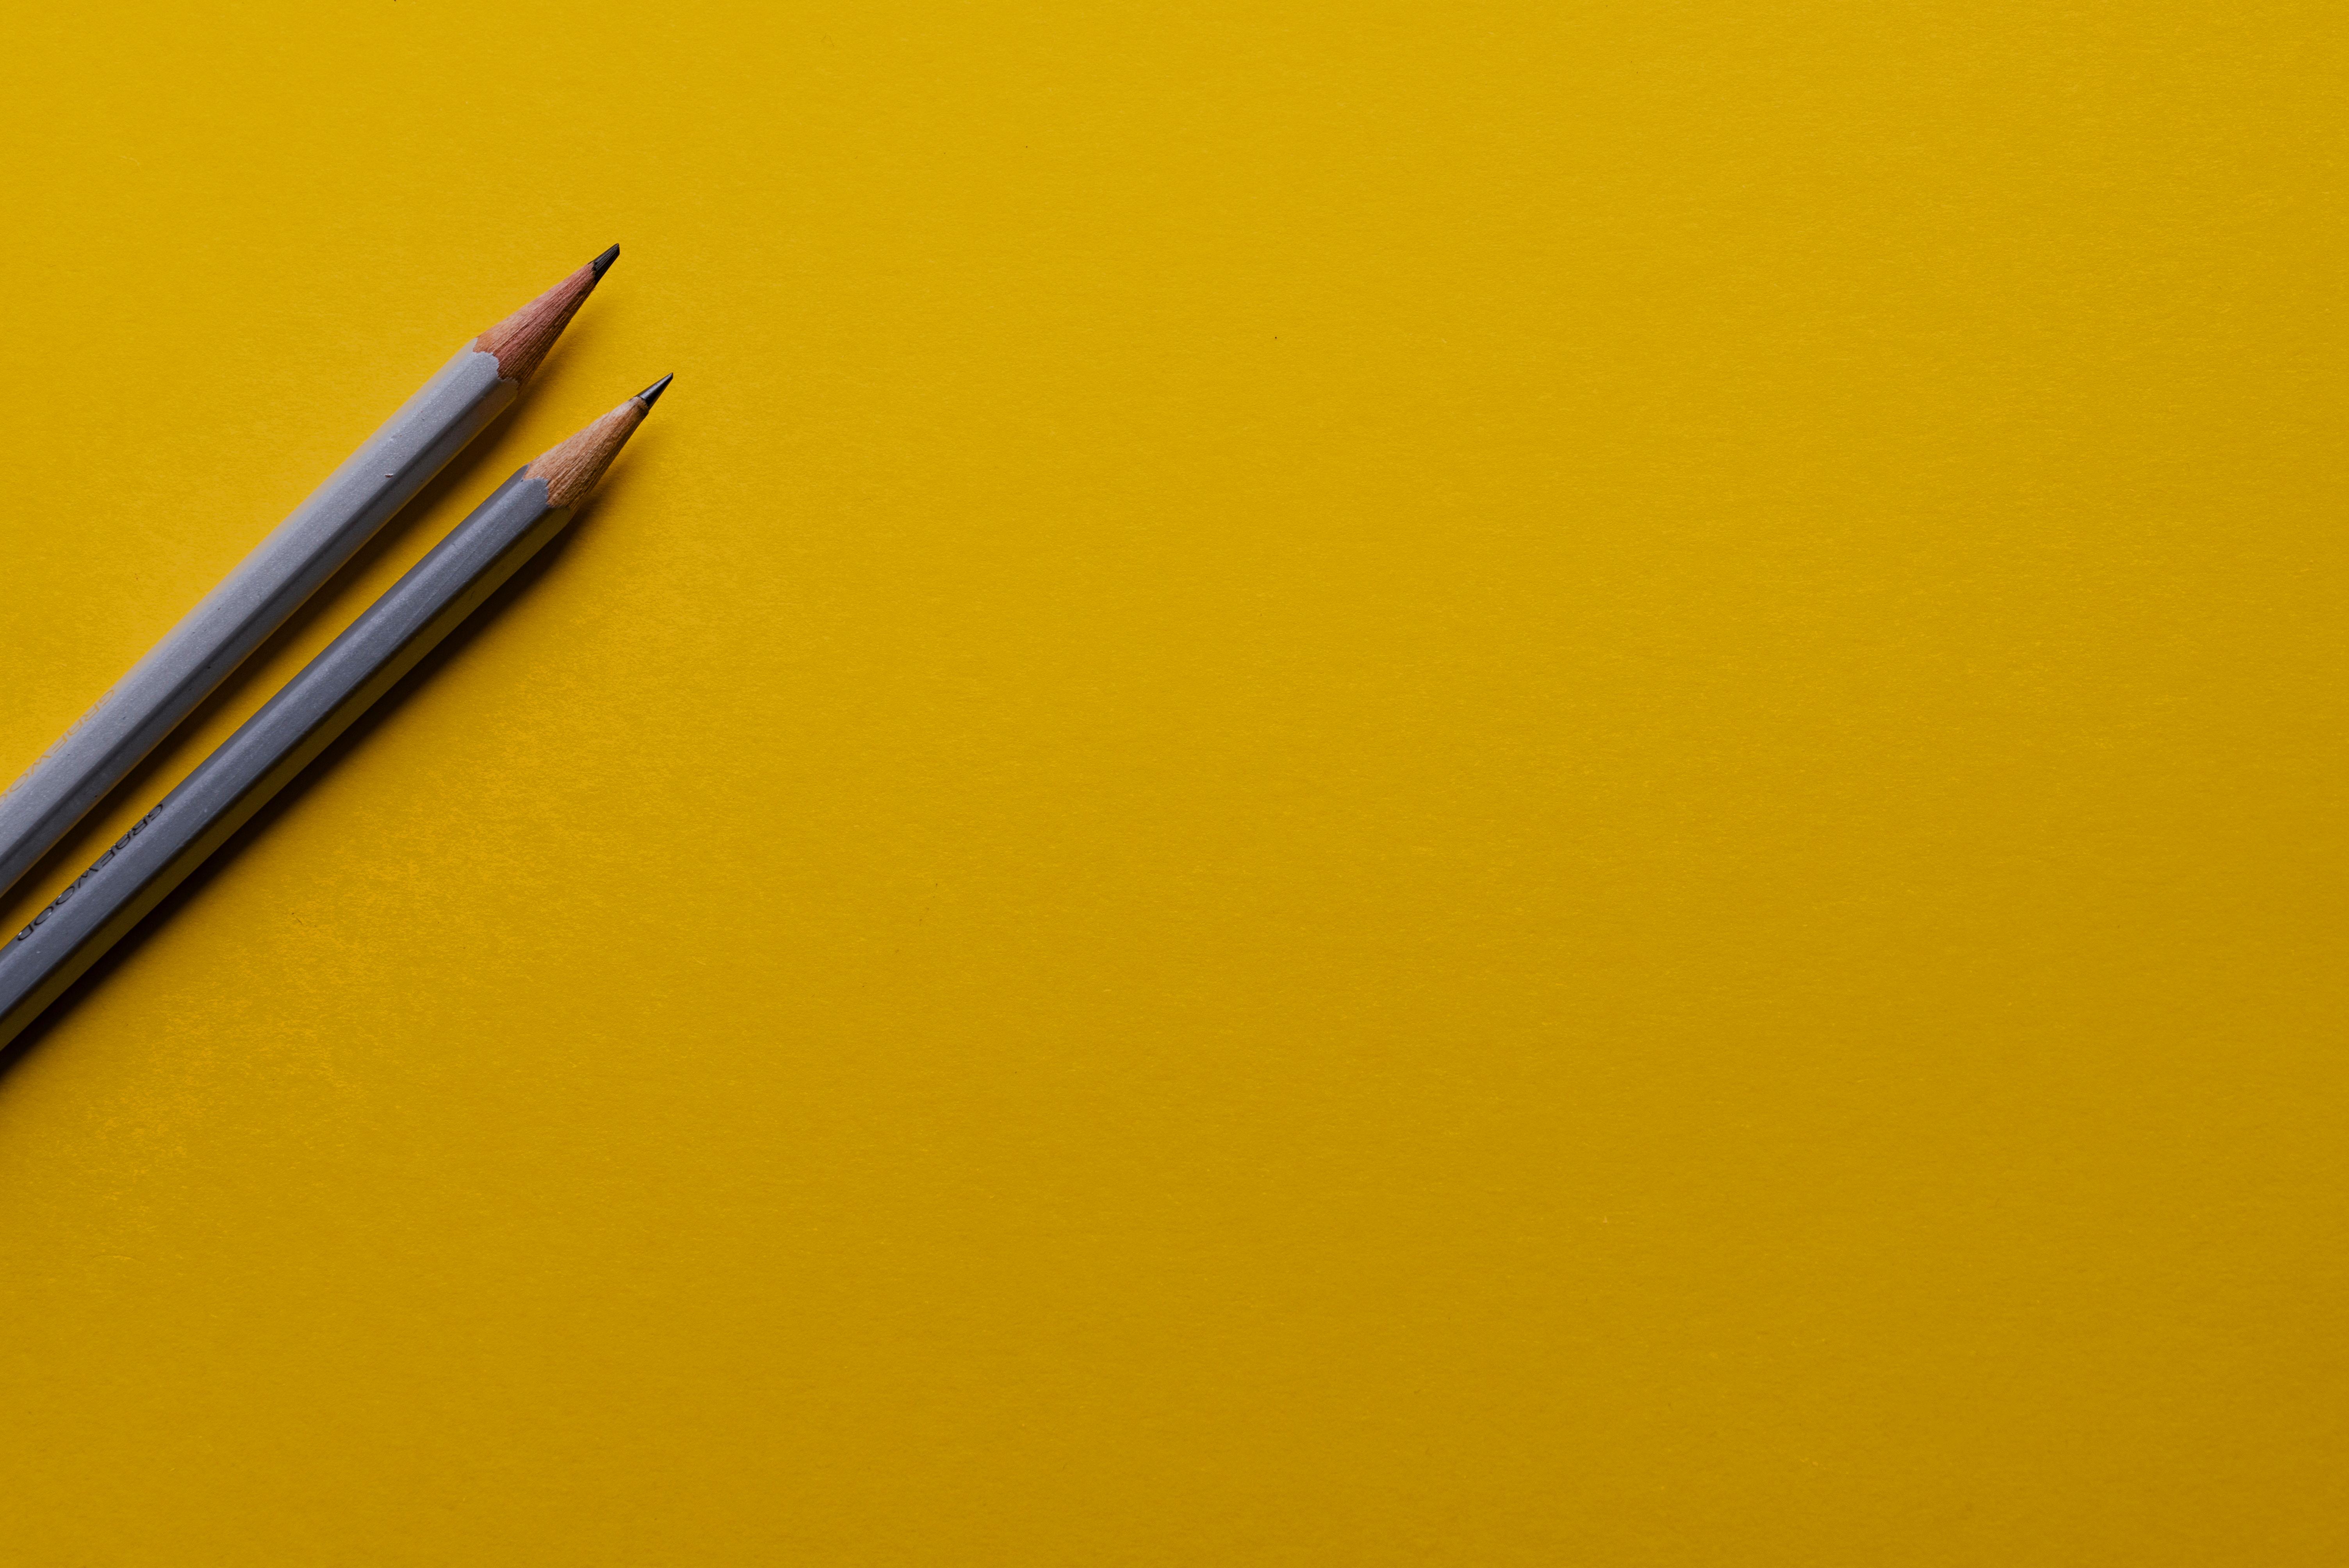 pencil-edited